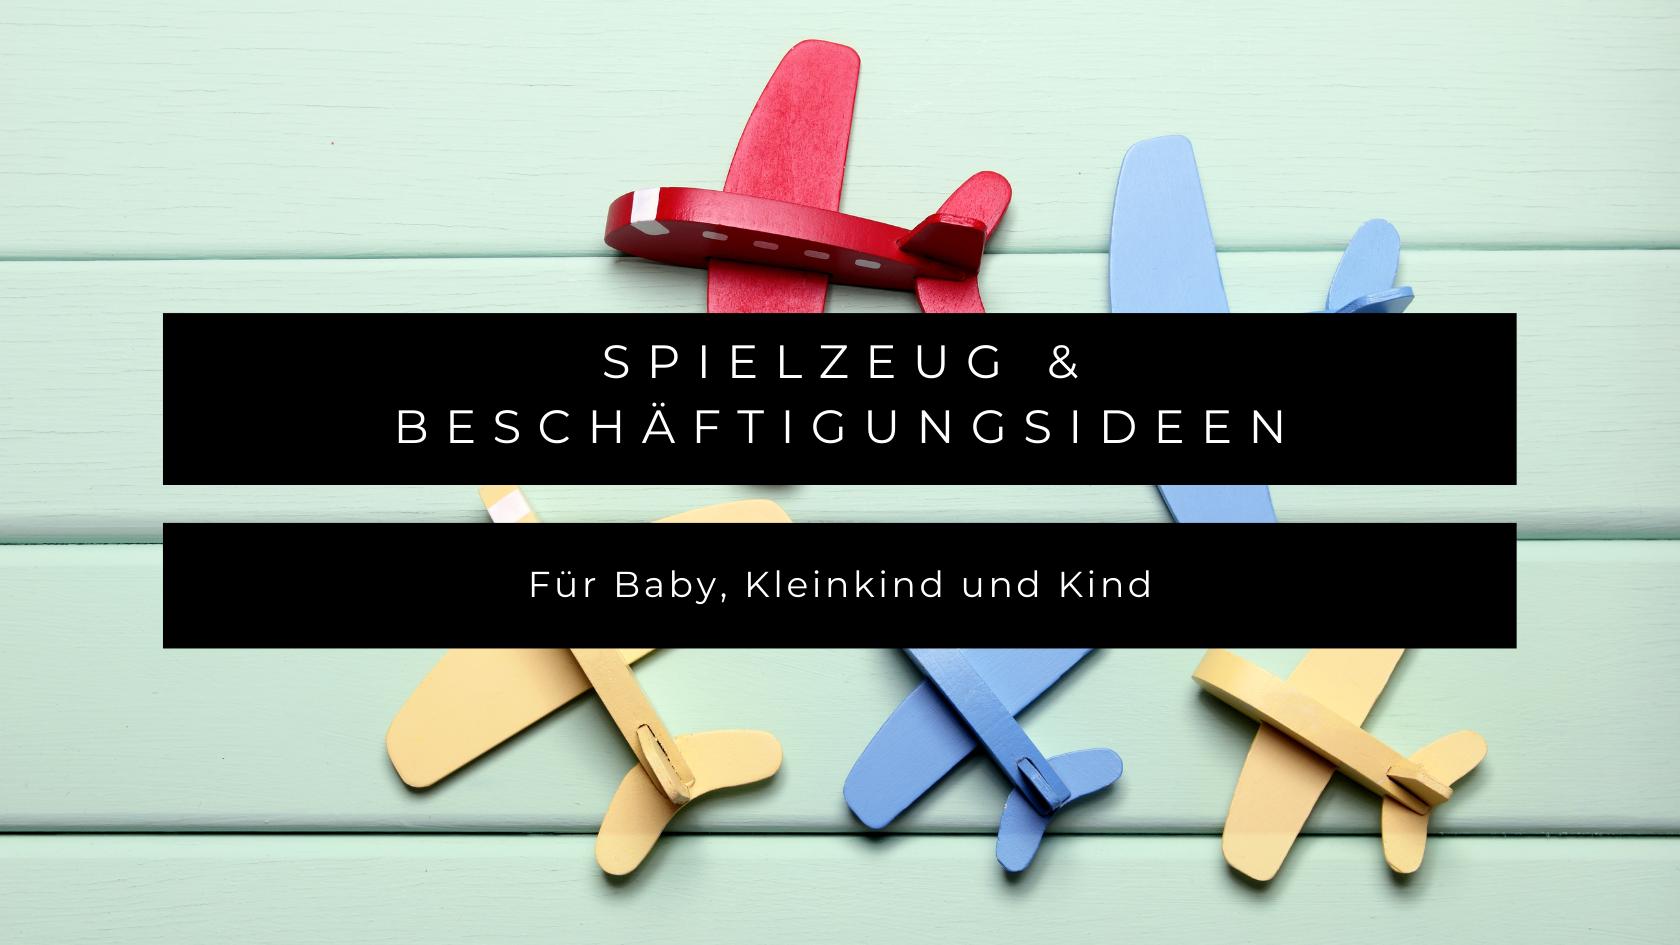 Spielzeug & Beschäftigungsideen für Baby, Kleinkind & Kind auf Reisen